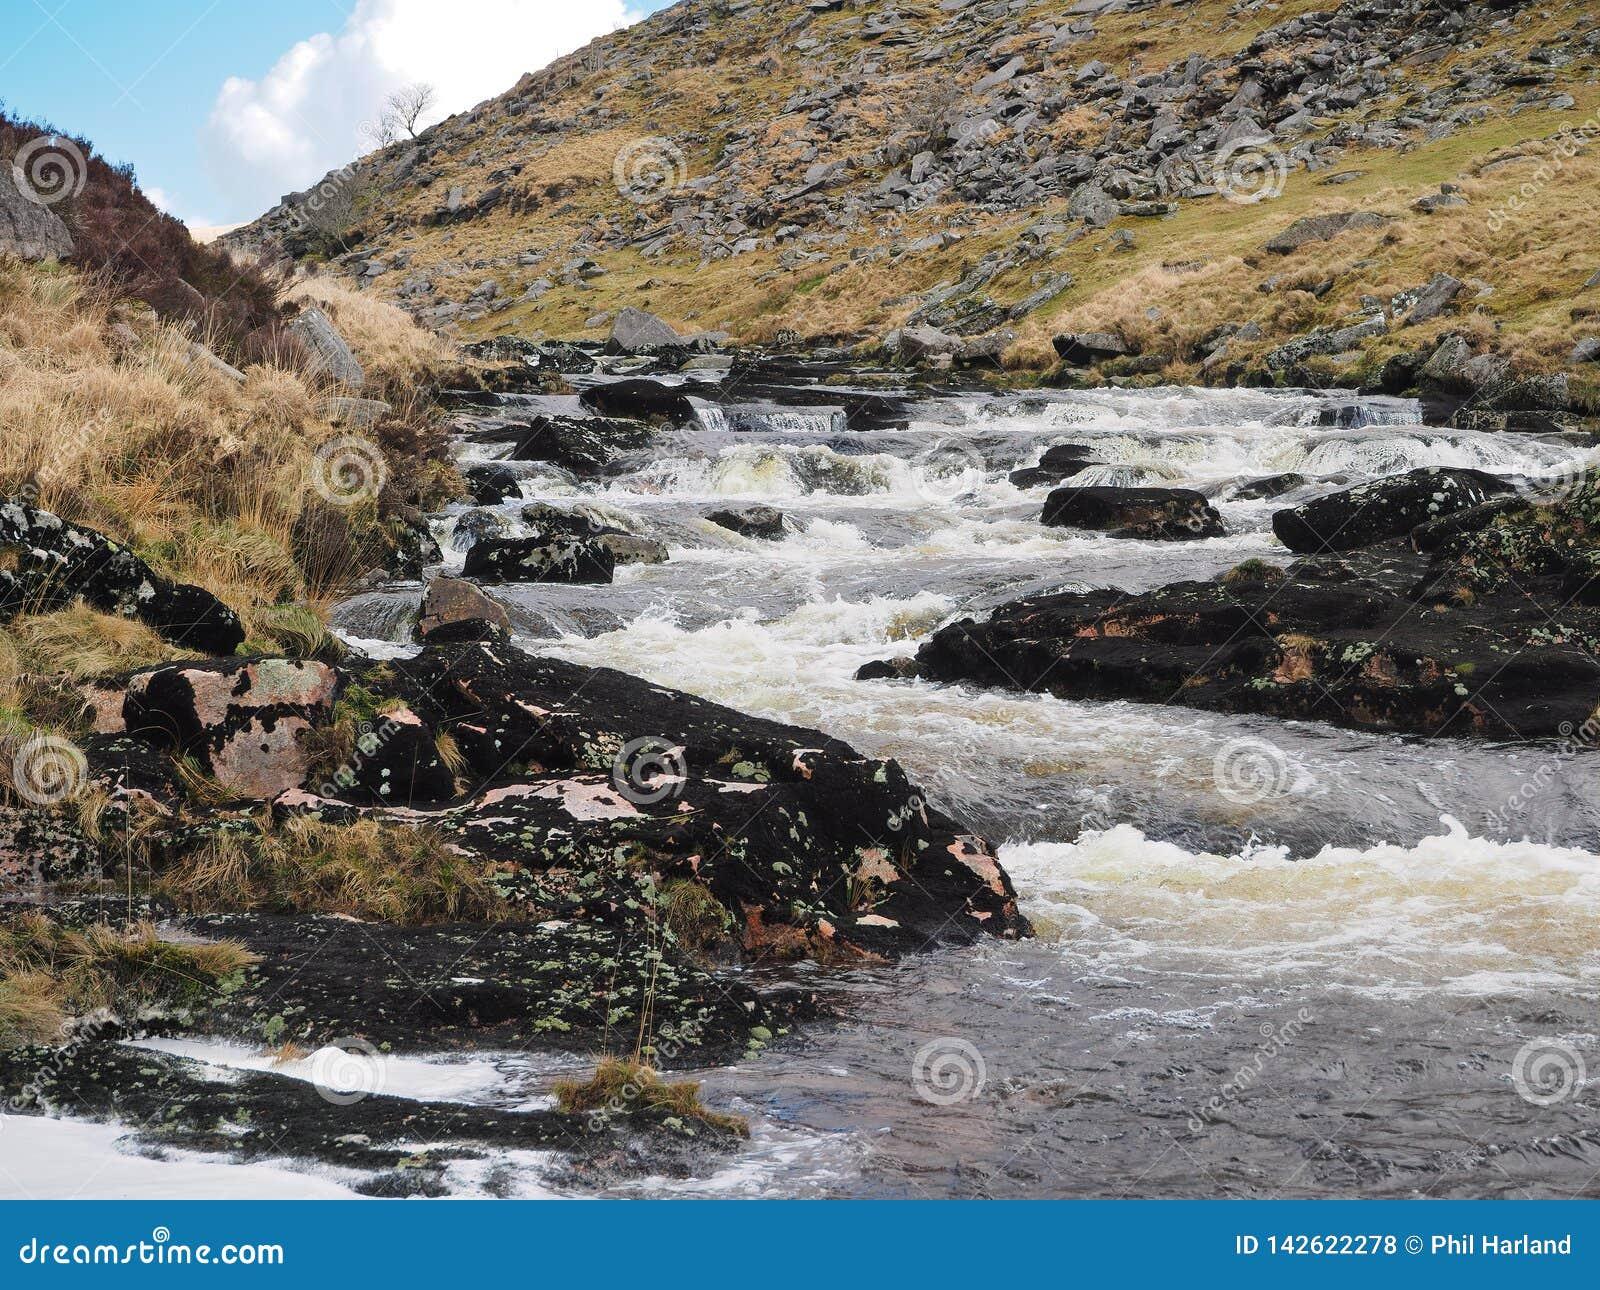 La rivière Tavy cascadant au-dessus des roches par le Tavy se fendent, parc national de Dartmoor, Devon, R-U